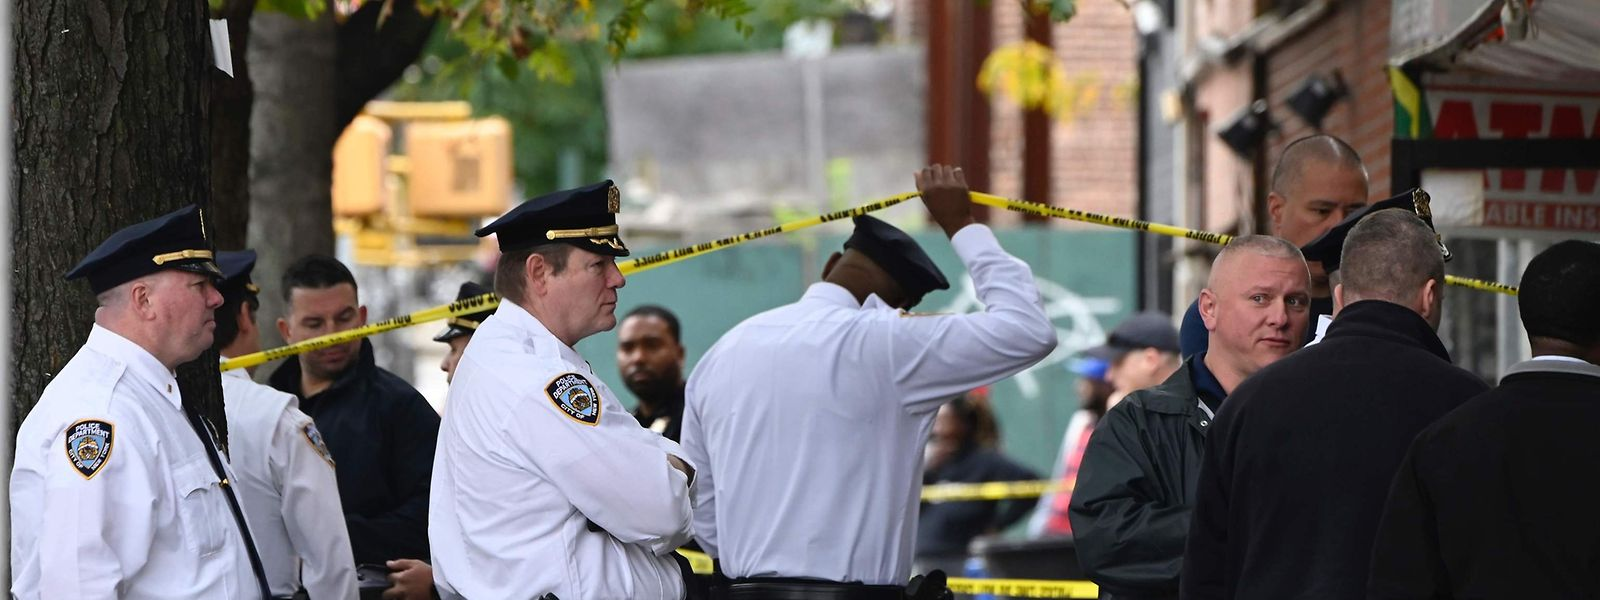 Der Vorfall passierte in Brooklyn.